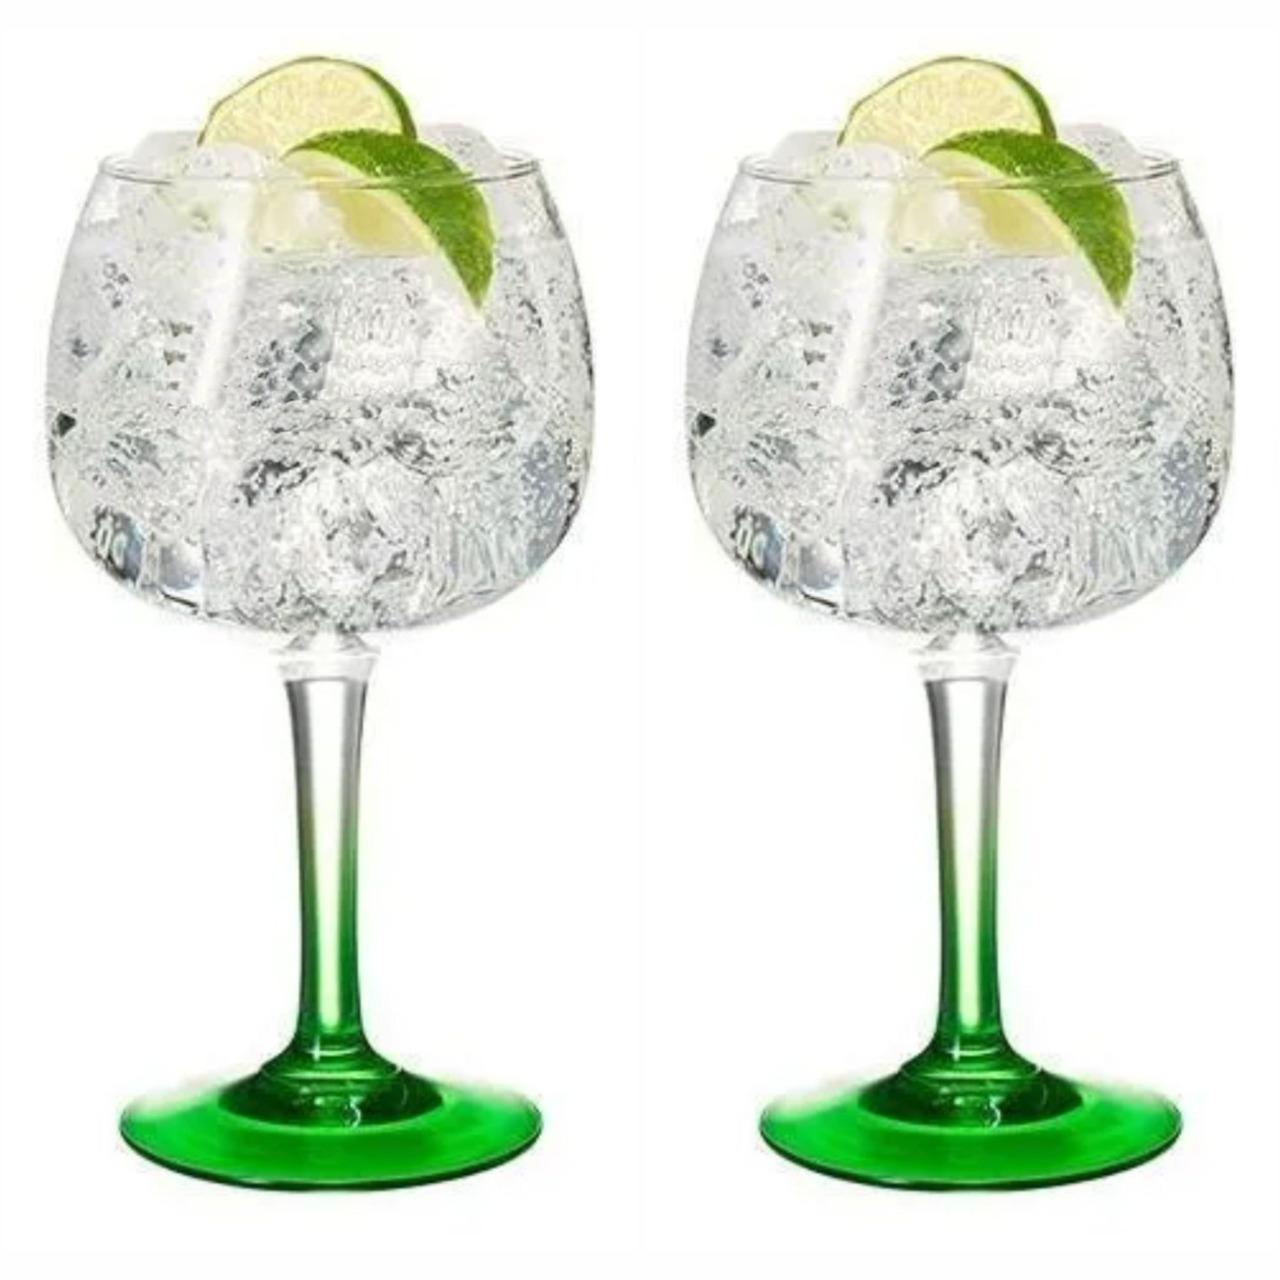 Kit 2 Taças de Gin com Base Verde em Vidro 600 ml